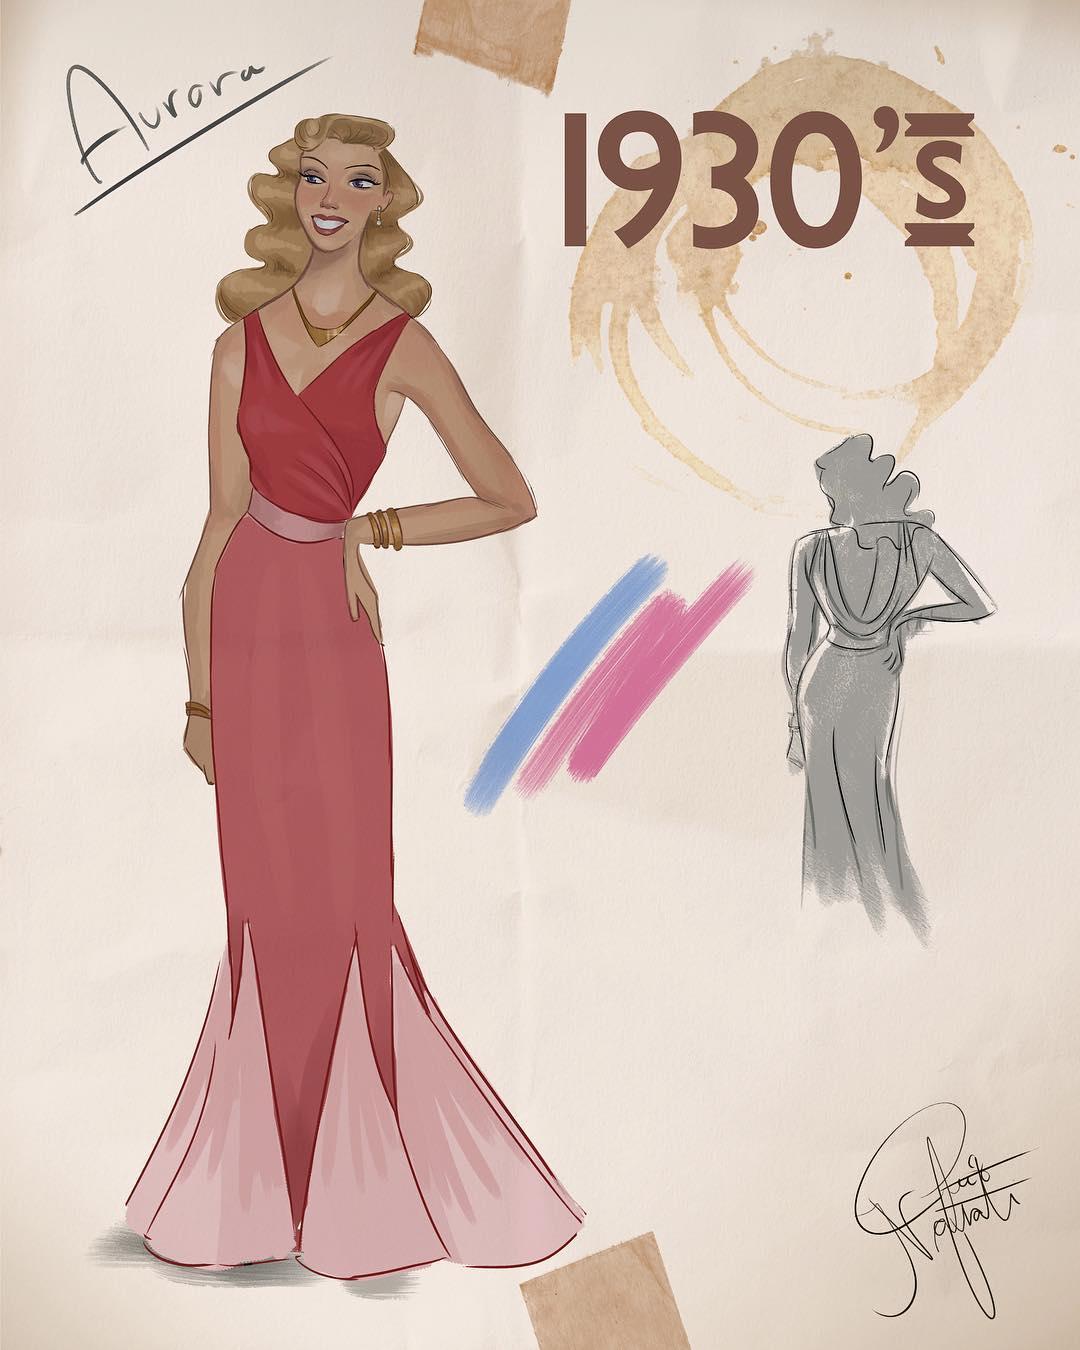 Артист создава илустрации од Дизни принцезите во облека која ја отсликува модата низ децениите